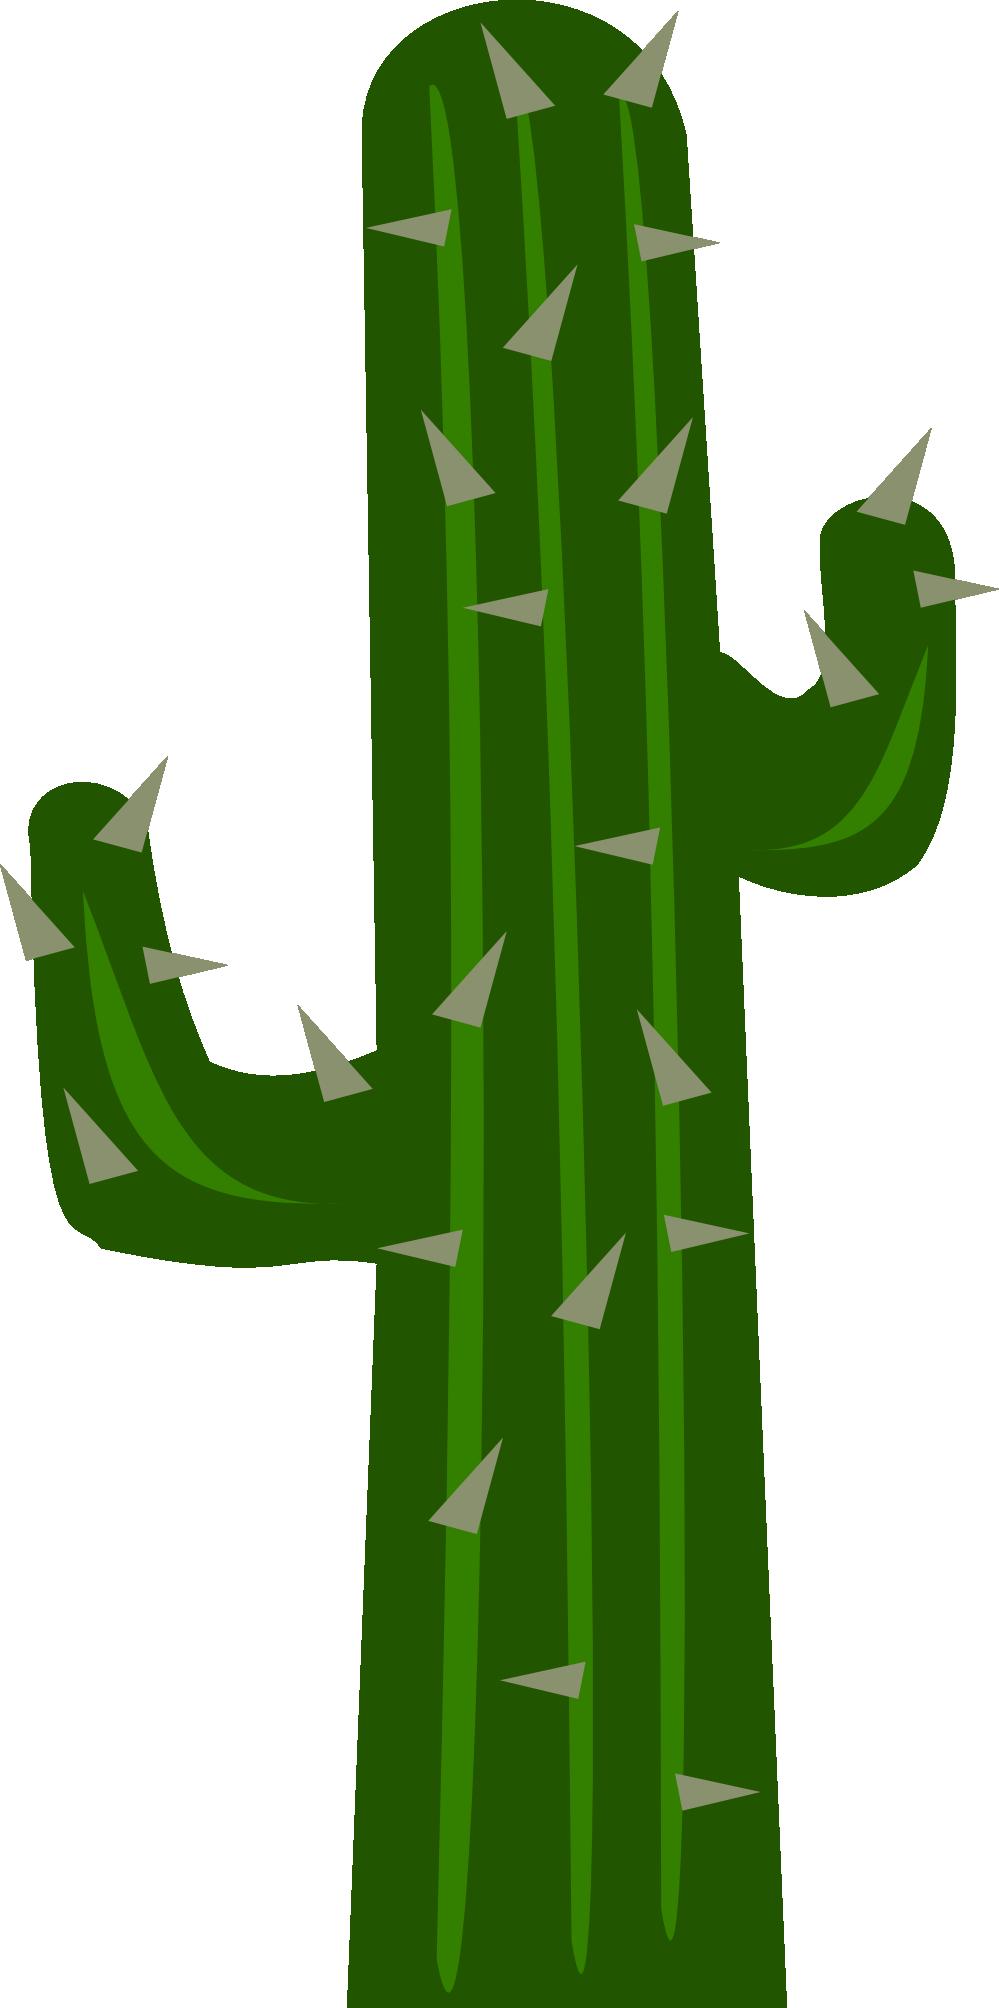 Cactus clip art 7